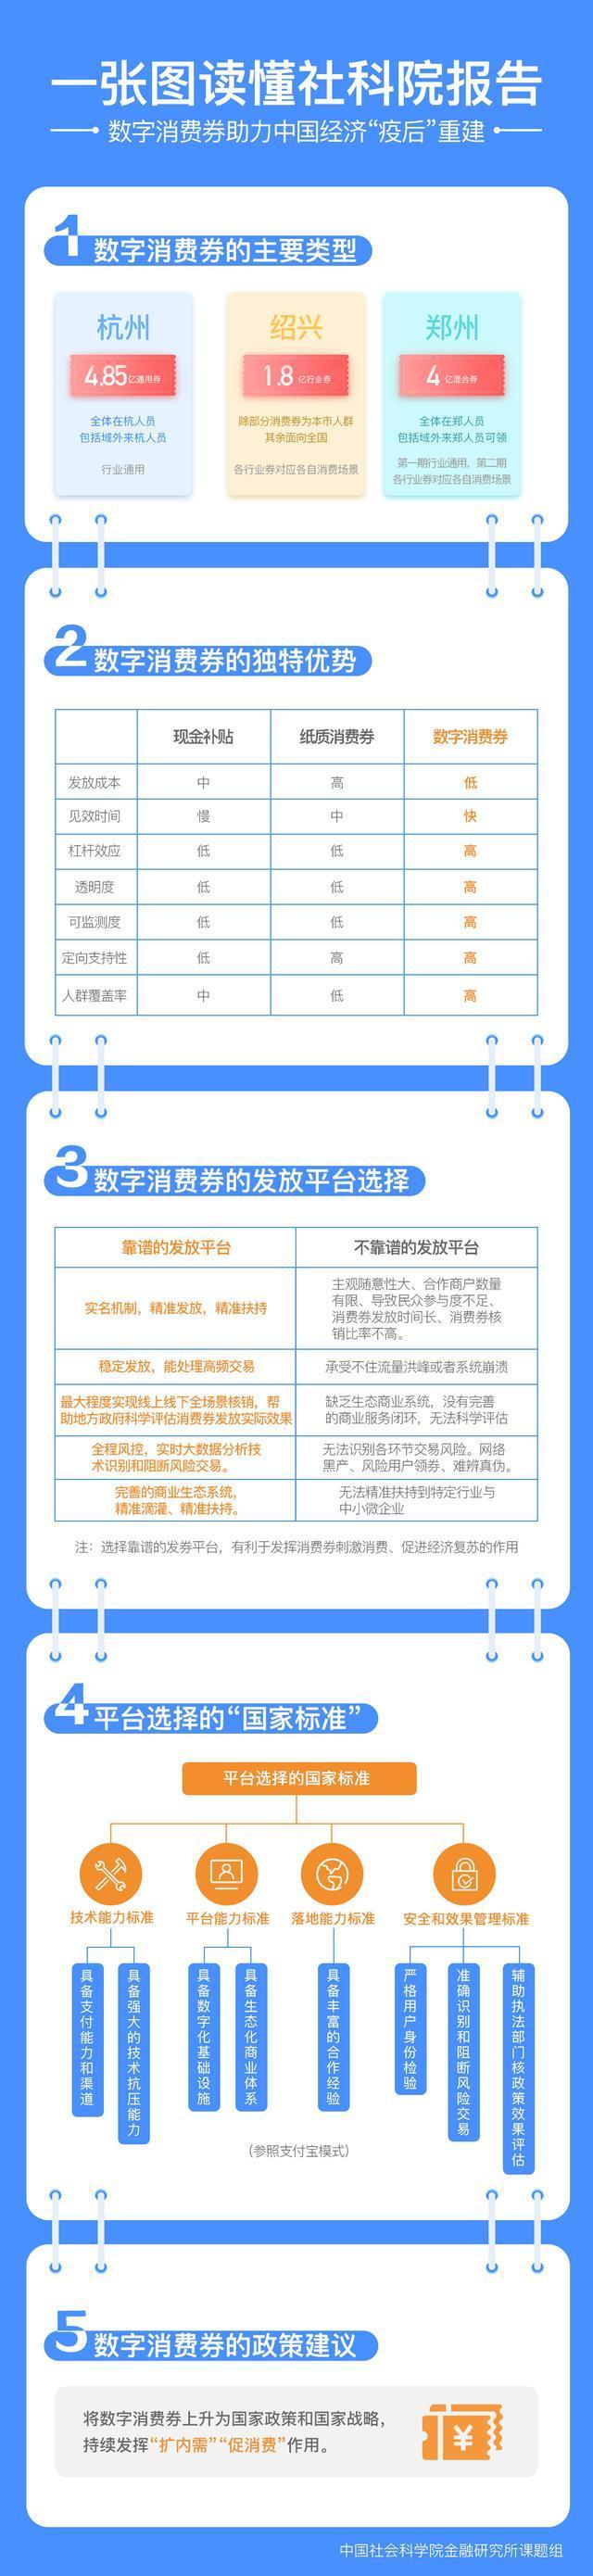 第四期武汉市卡券派发 社会科学院提议:参考支付宝钱包方式建立派发规范 第3张